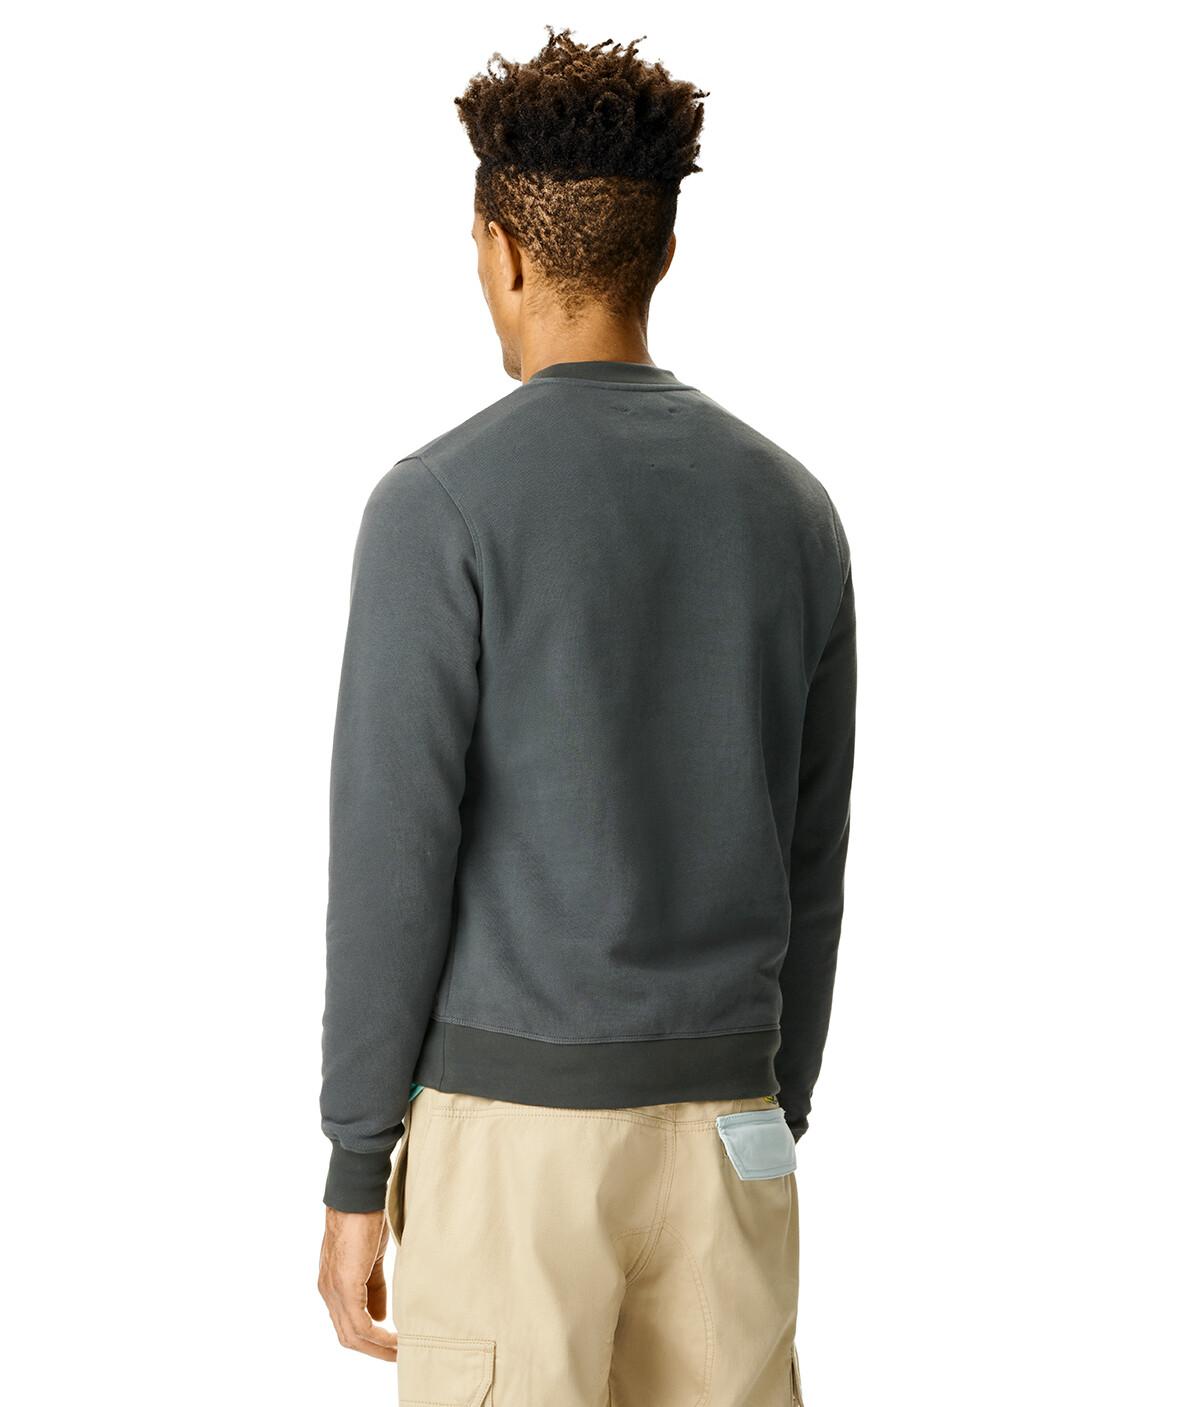 LOEWE Eln Sweatshirt Charcoal front